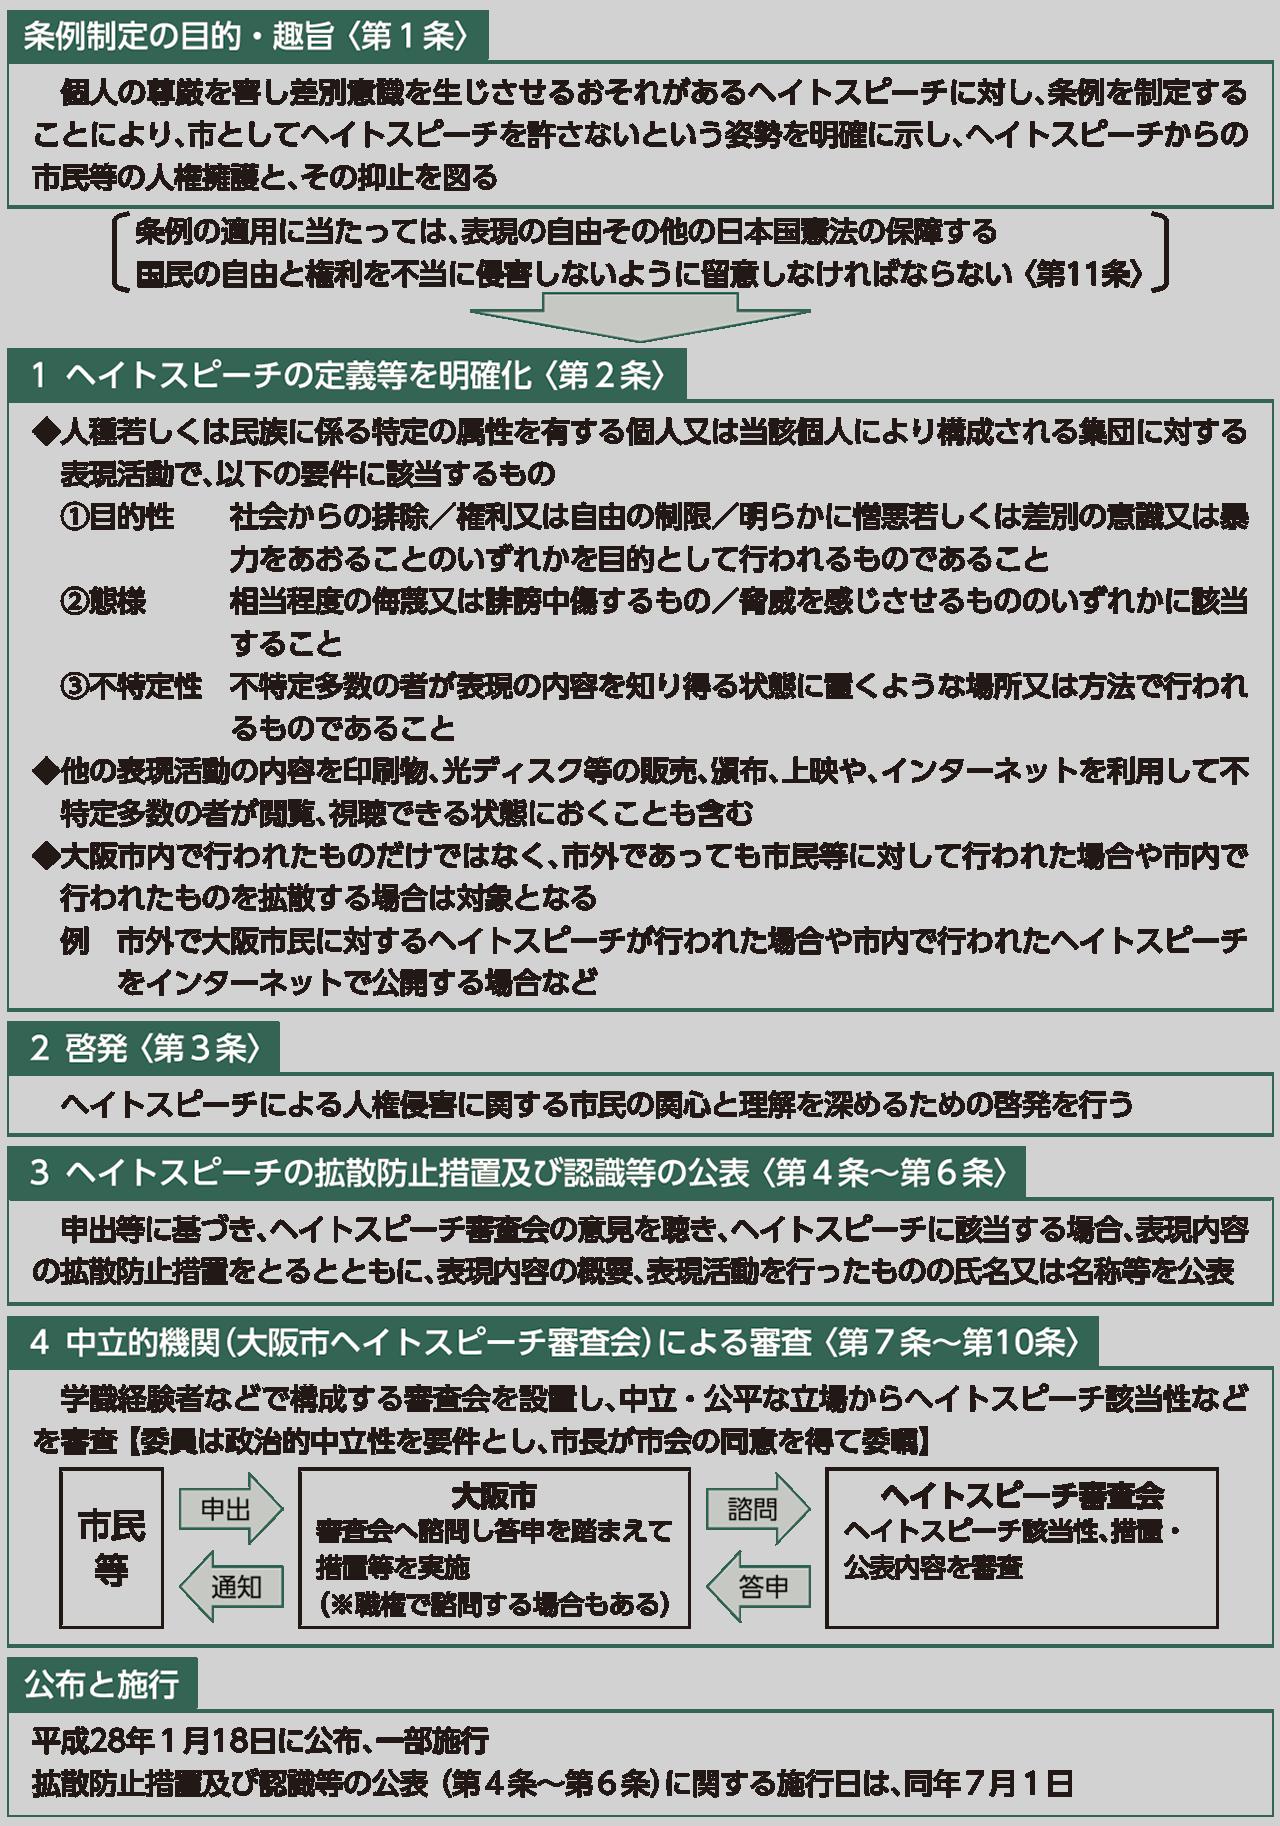 図 大阪市ヘイトスピーチへの対処に関する条例の概要